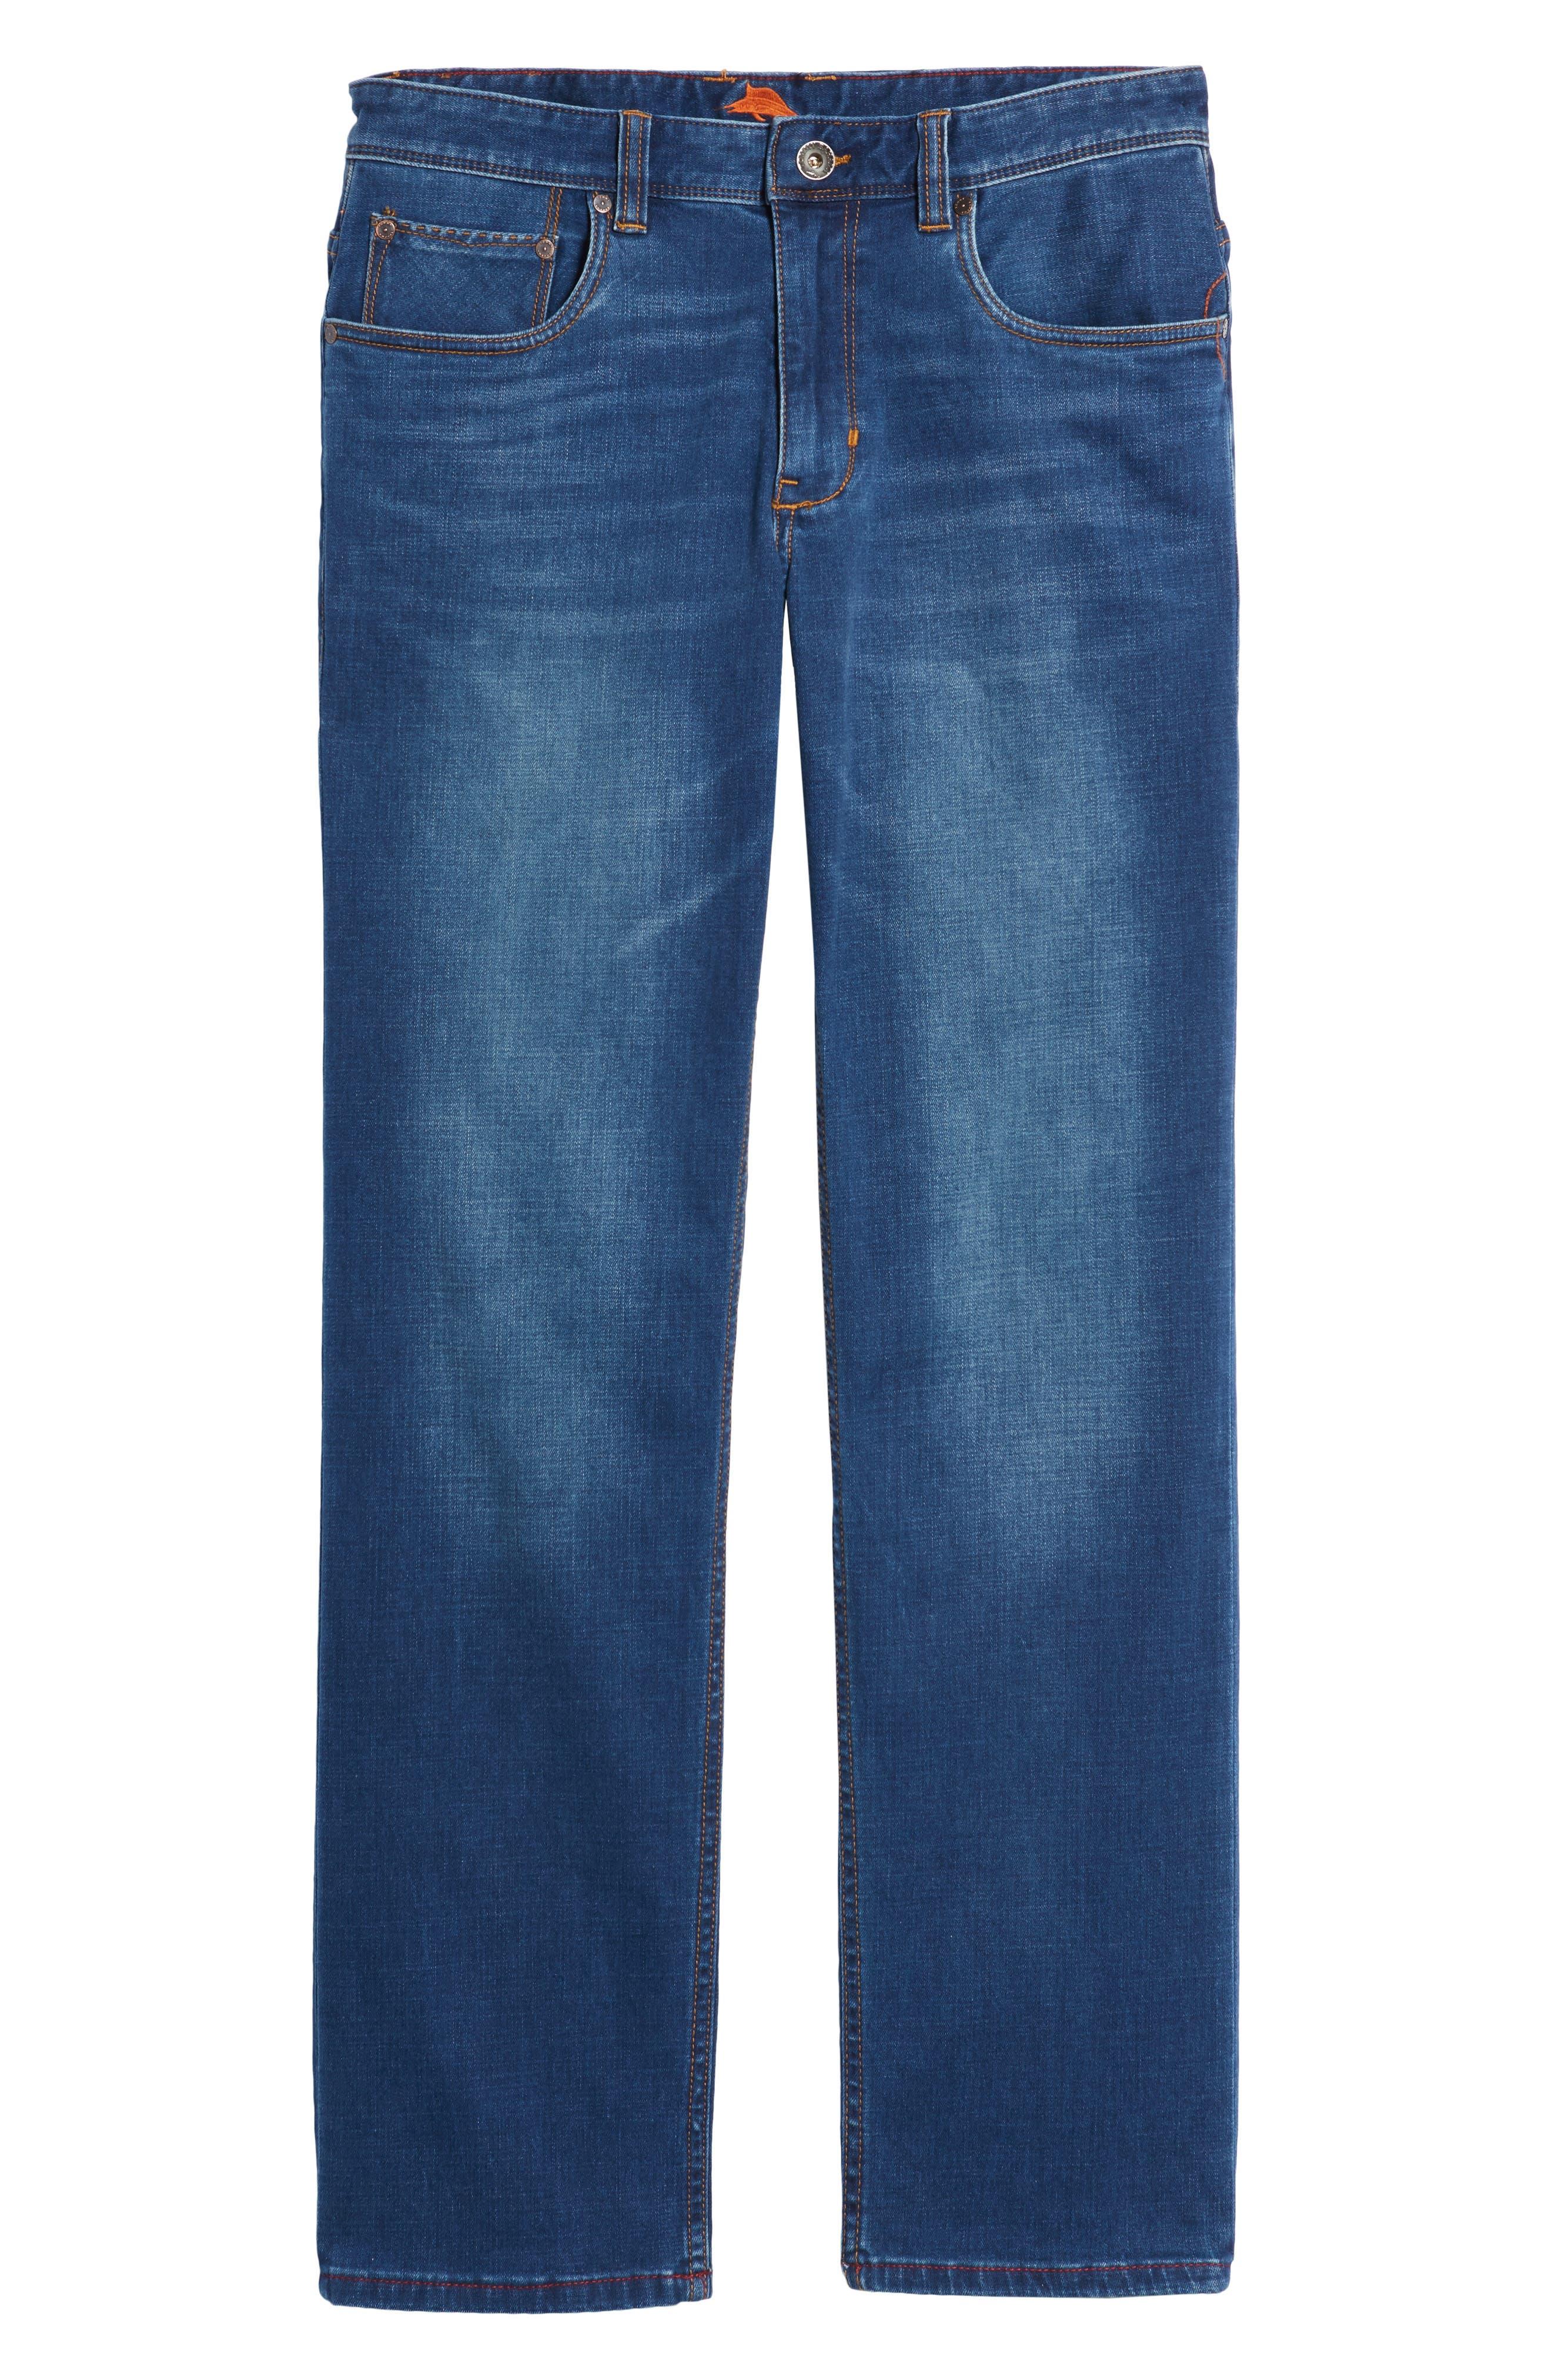 Caicos Authentic Fit Jeans,                             Alternate thumbnail 6, color,                             Medium Indigo